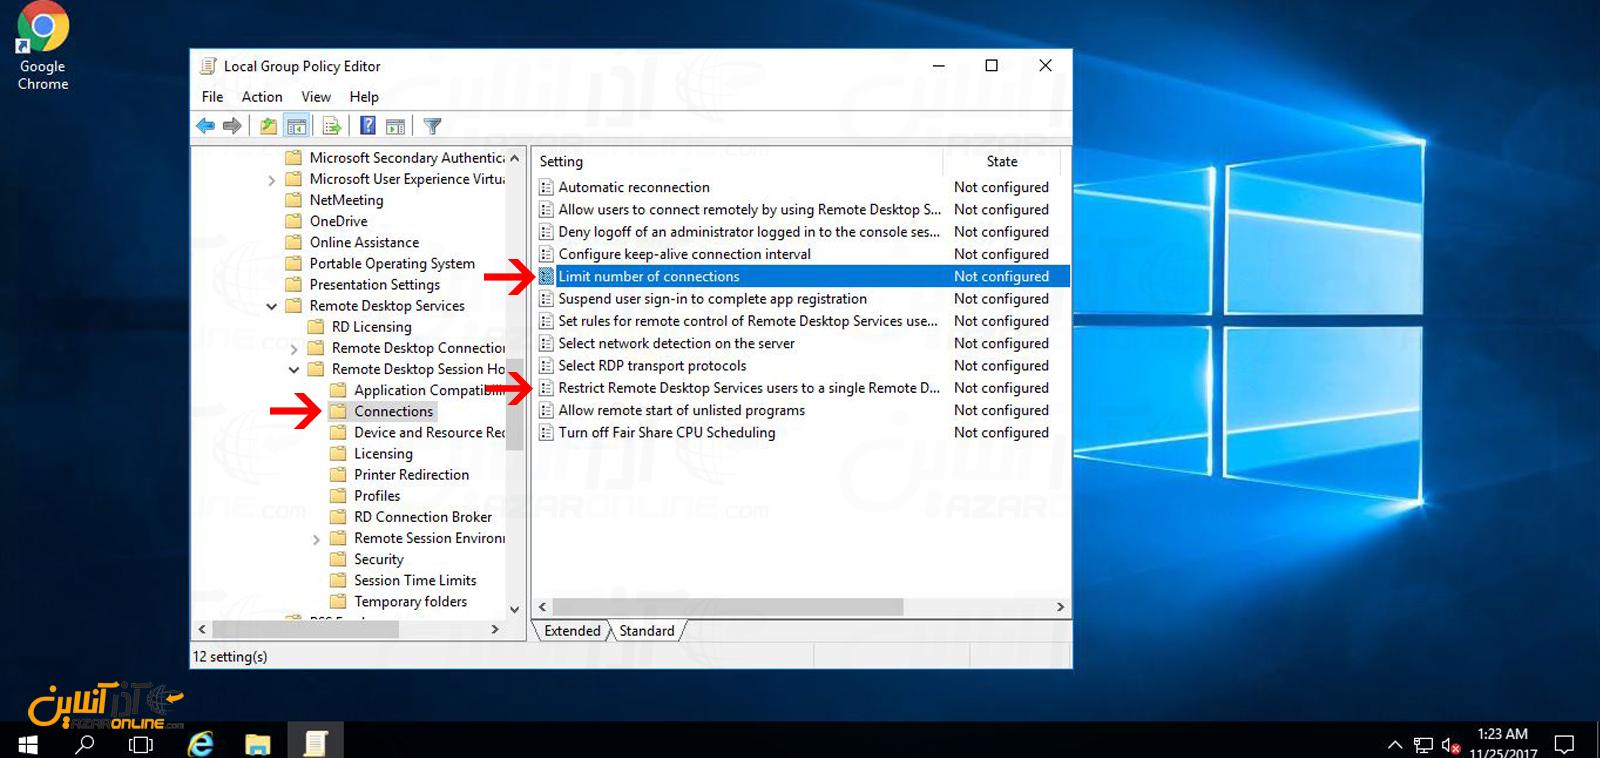 دو تنظیم محدودیت ریموت دسکتاپ در ویندوز سرور 2016